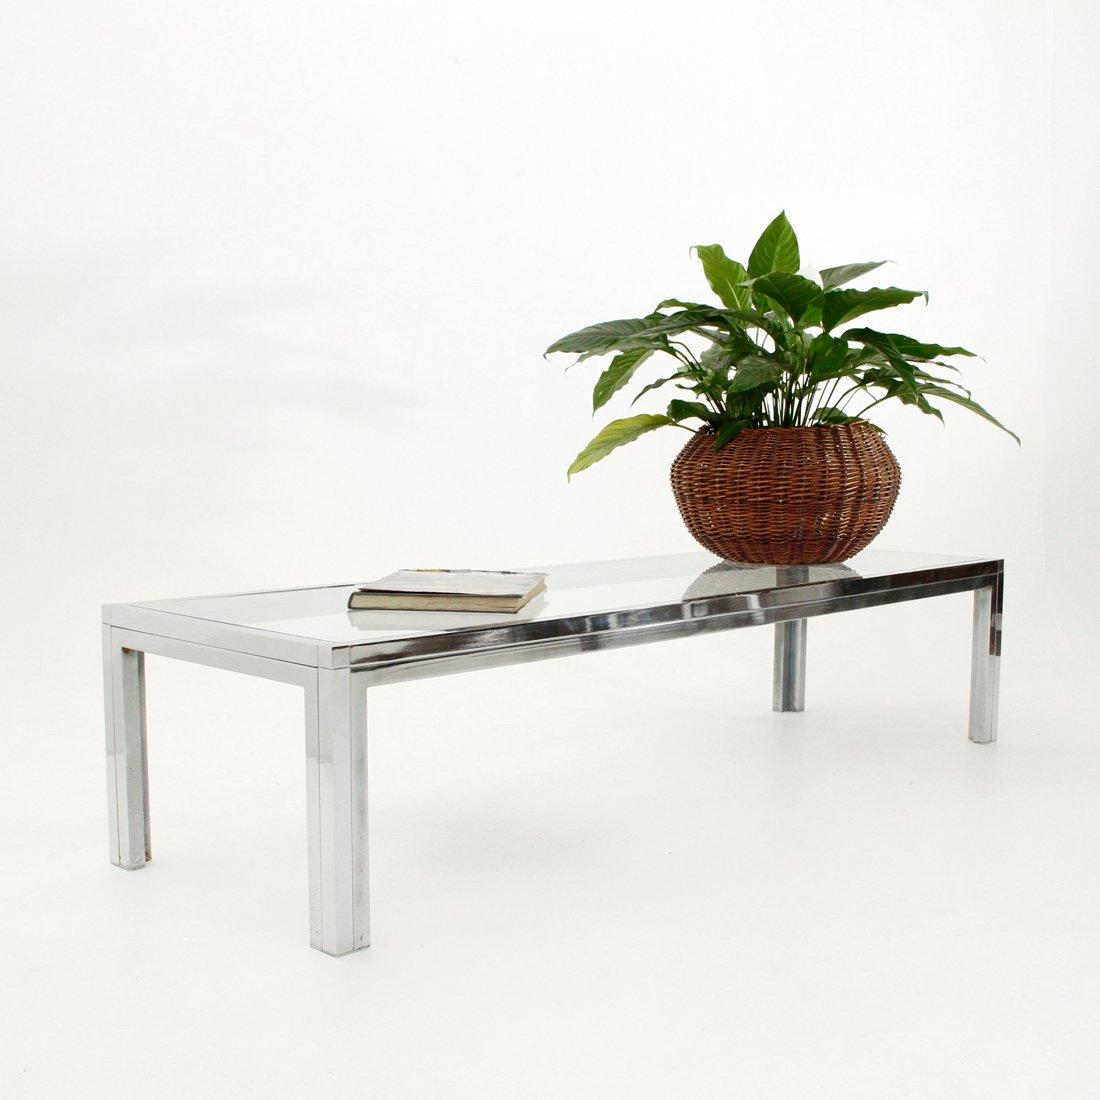 italienischer couchtisch aus glas chrom bei pamono kaufen. Black Bedroom Furniture Sets. Home Design Ideas